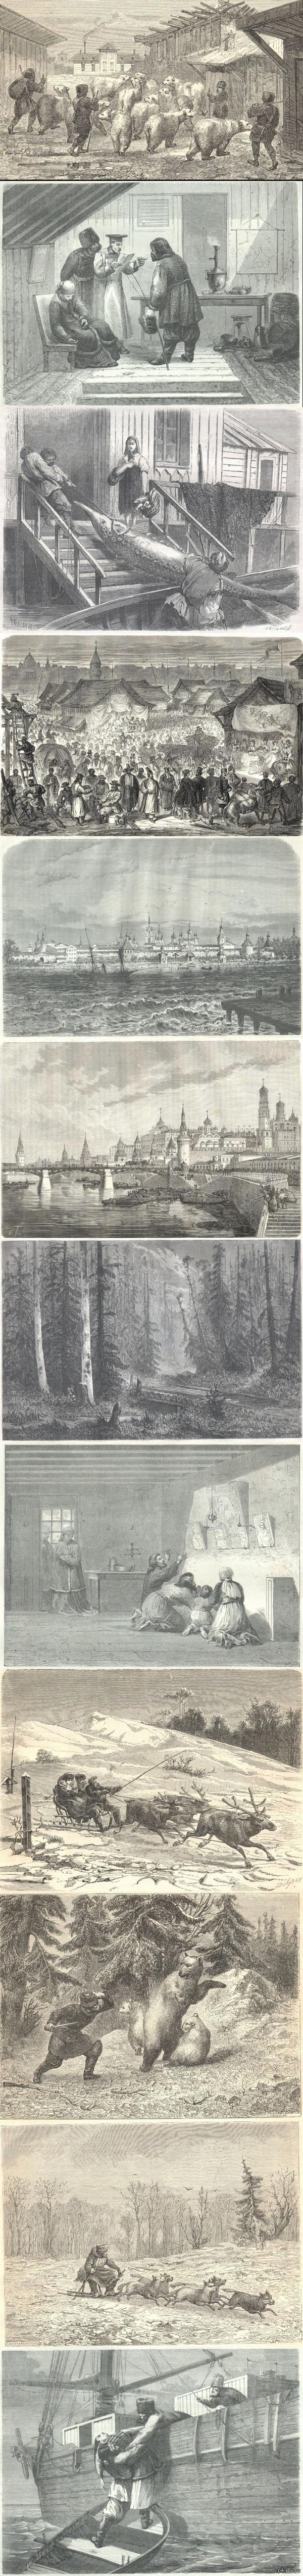 Зарисовки европейских туристов, побывавших в России в середине 19-го века.